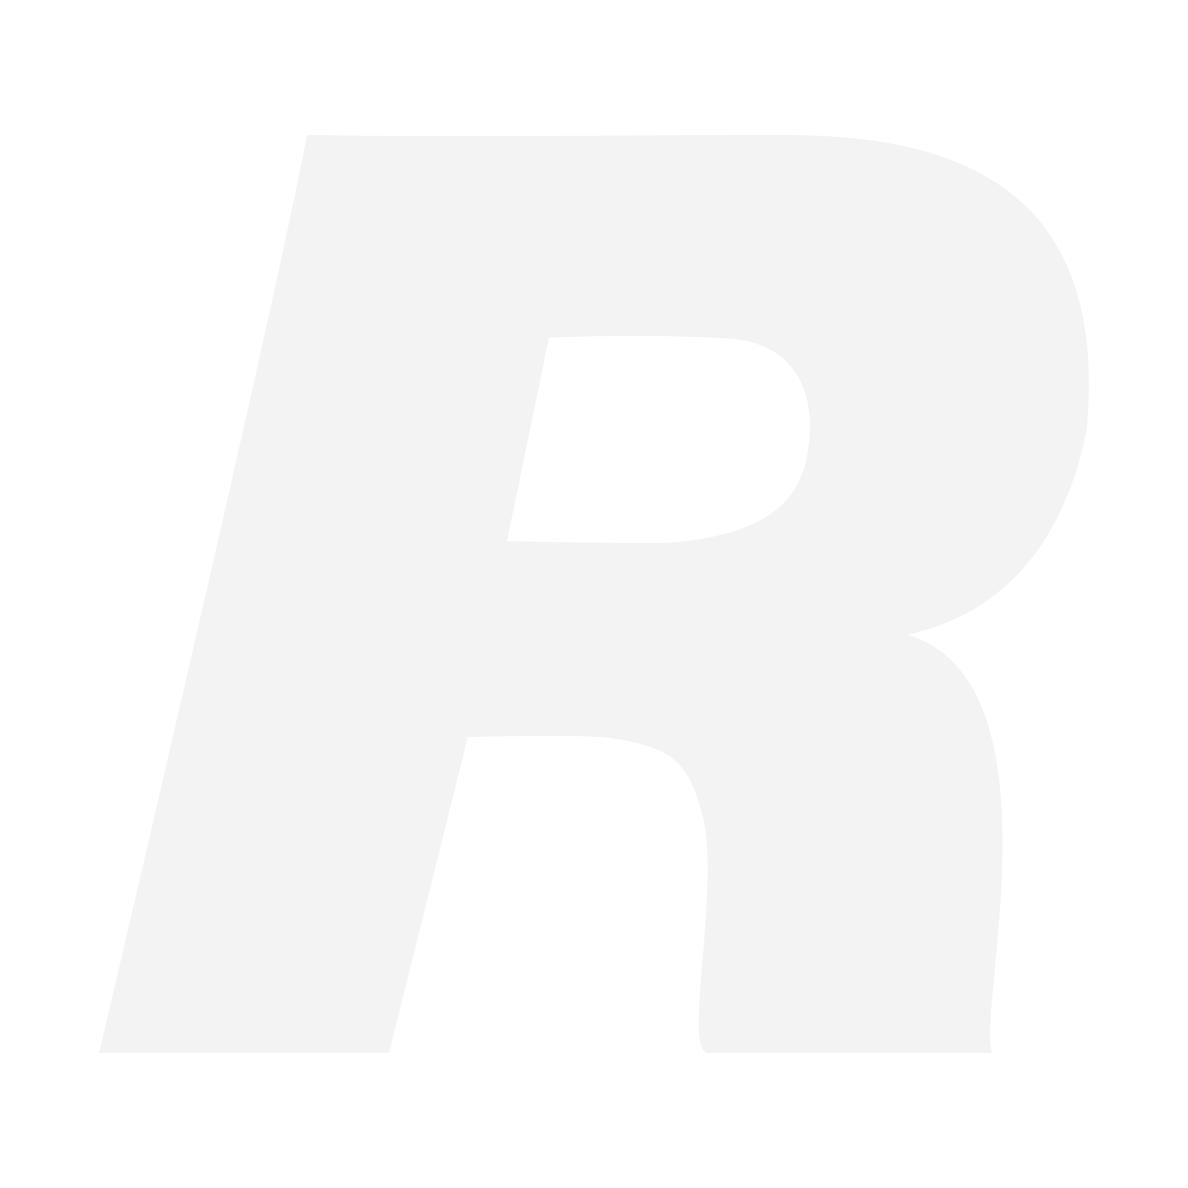 RICOH A12 (LEICA M) MODULE KÄYTETTY